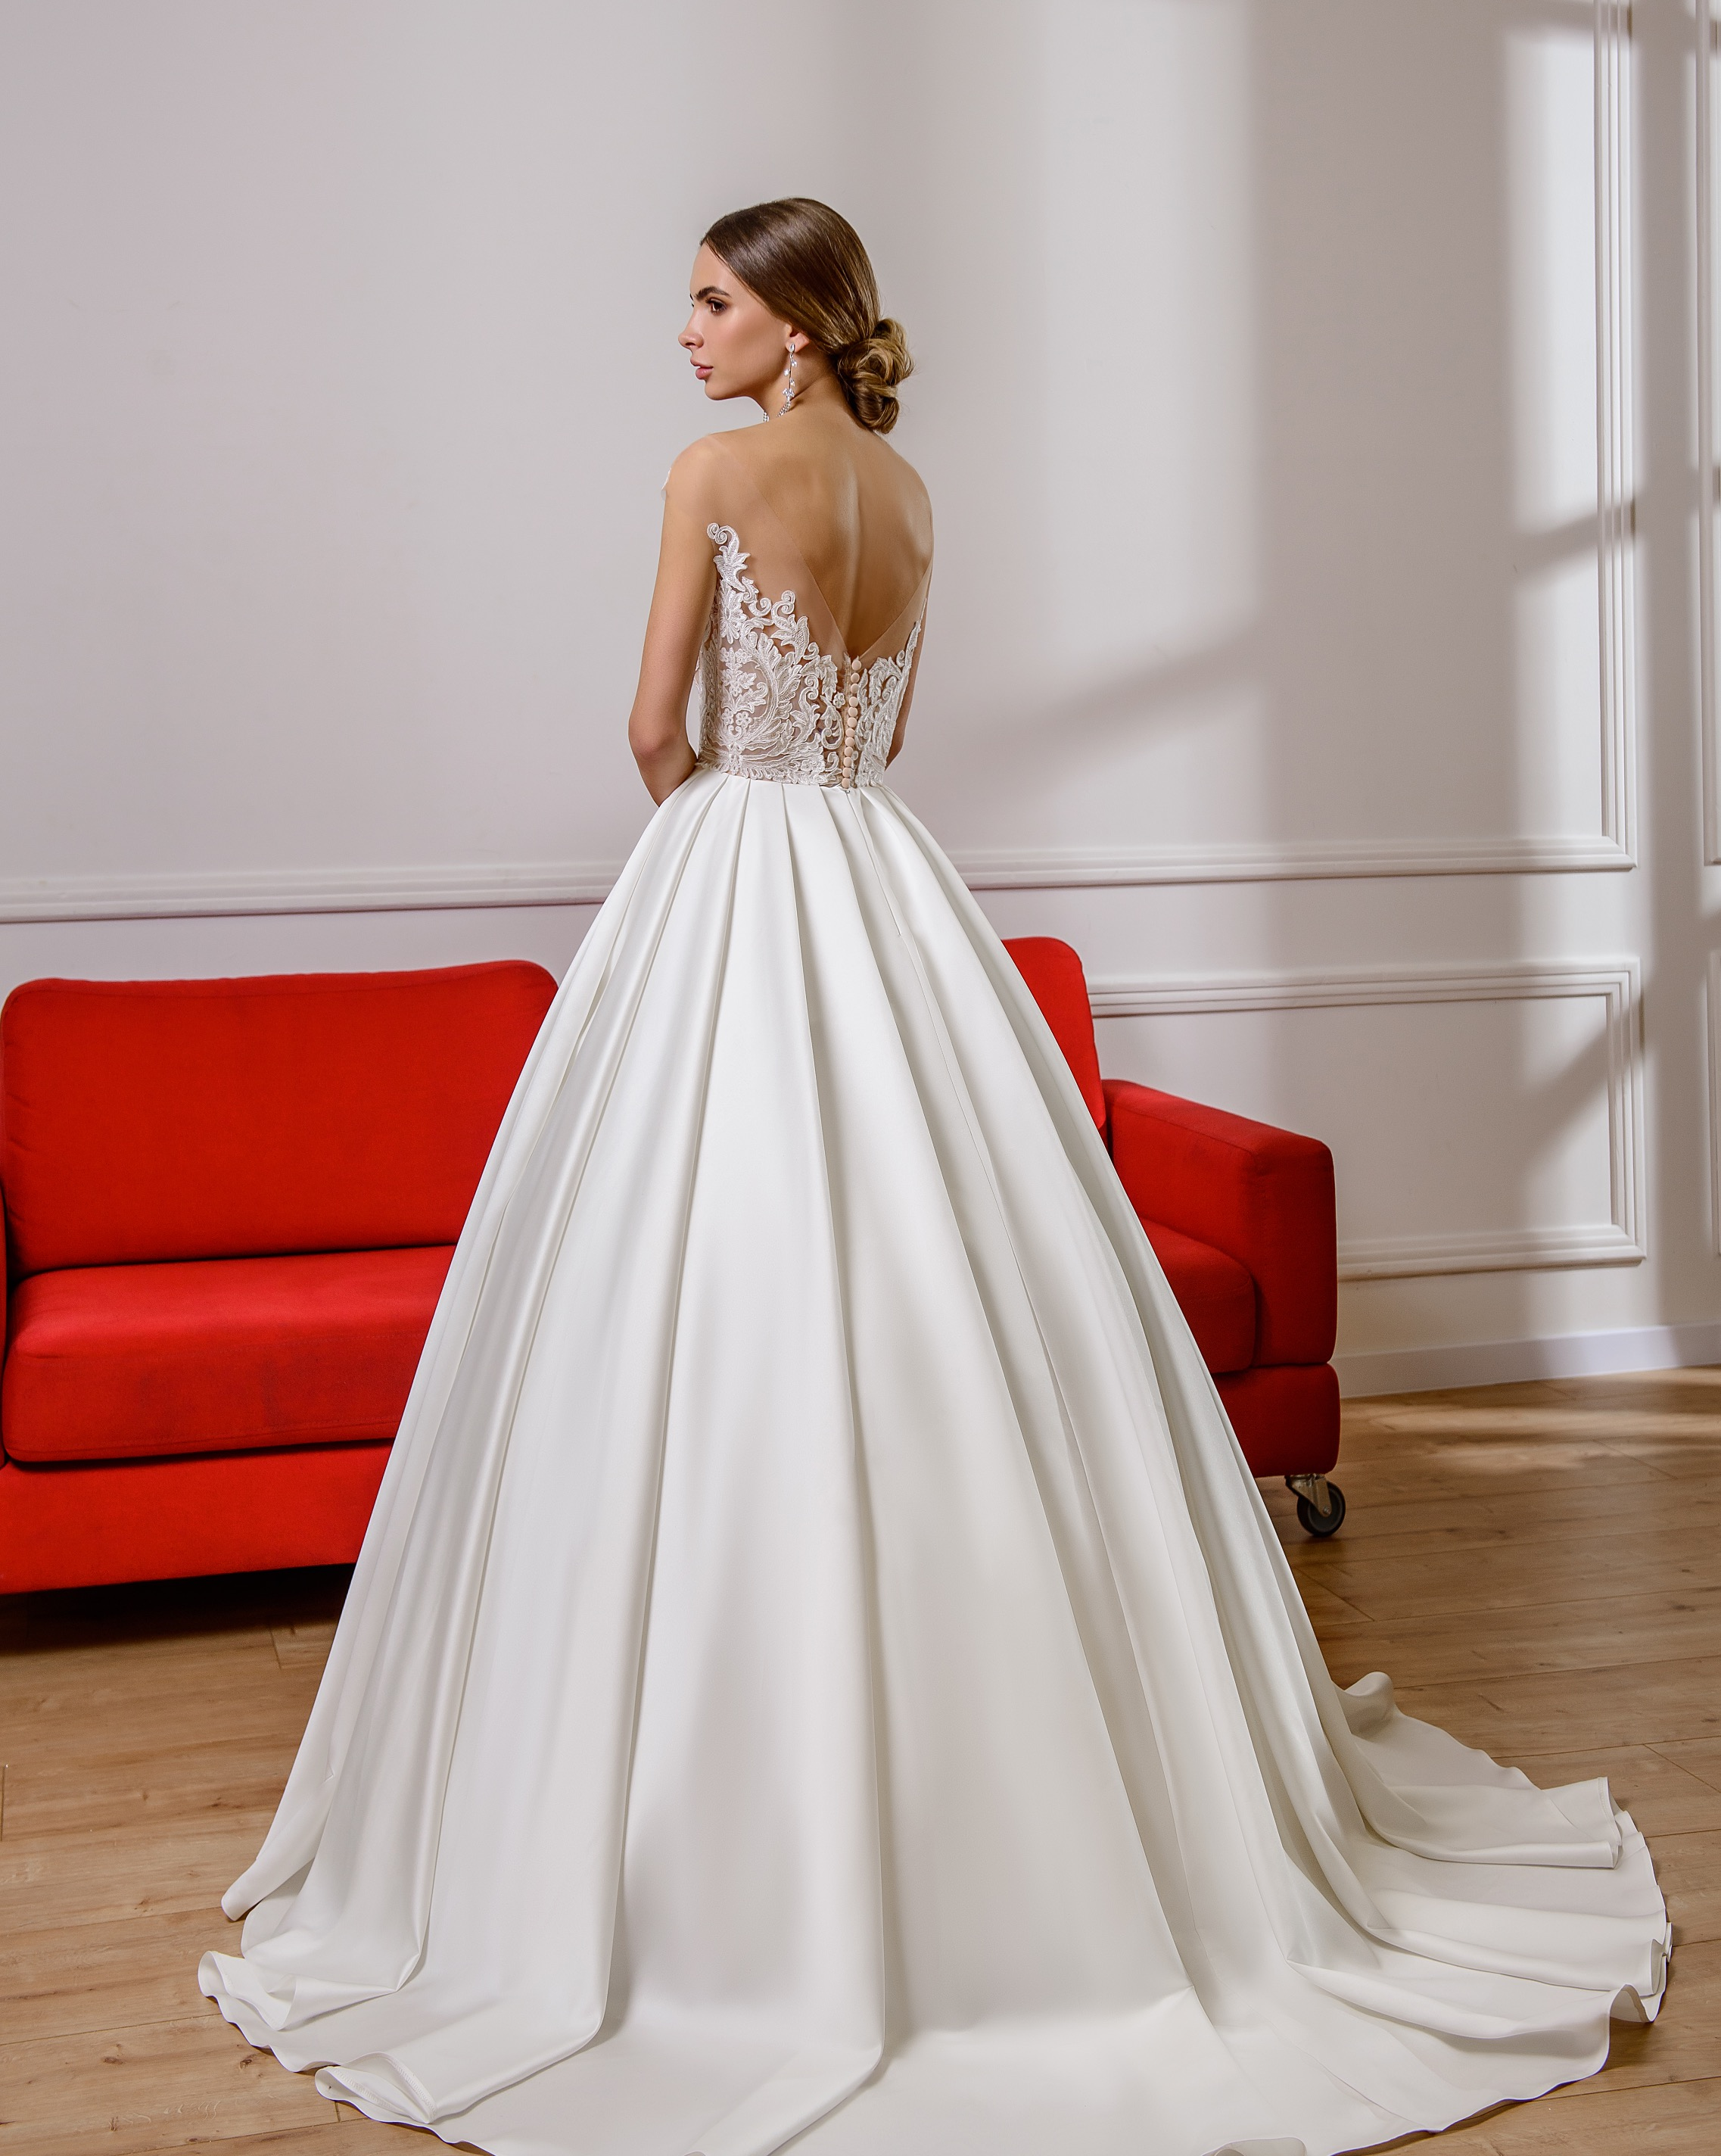 šaty Flo (predané)